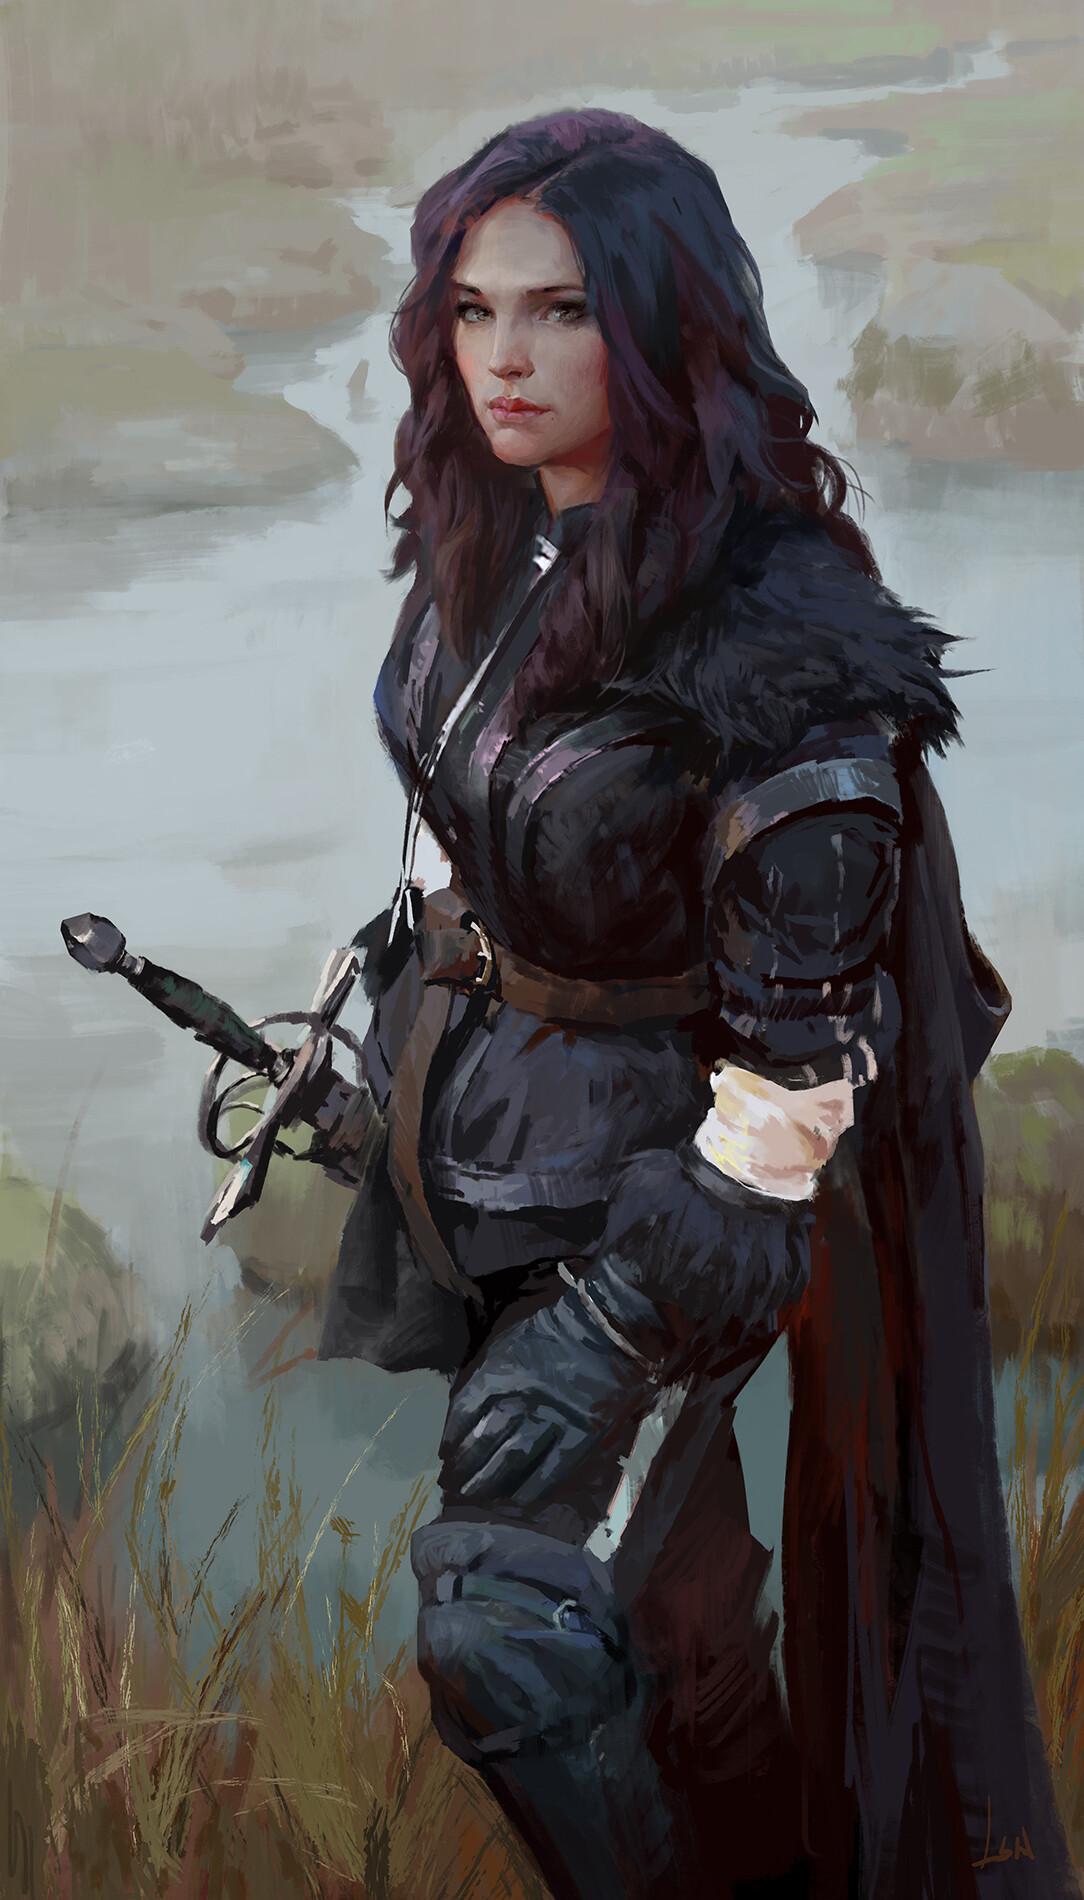 Artwork Women Sword The Witcher Yennefer Yennefer Of Vengerberg Wallpaper Resolution 1084x1900 Id 622223 Wallha Com